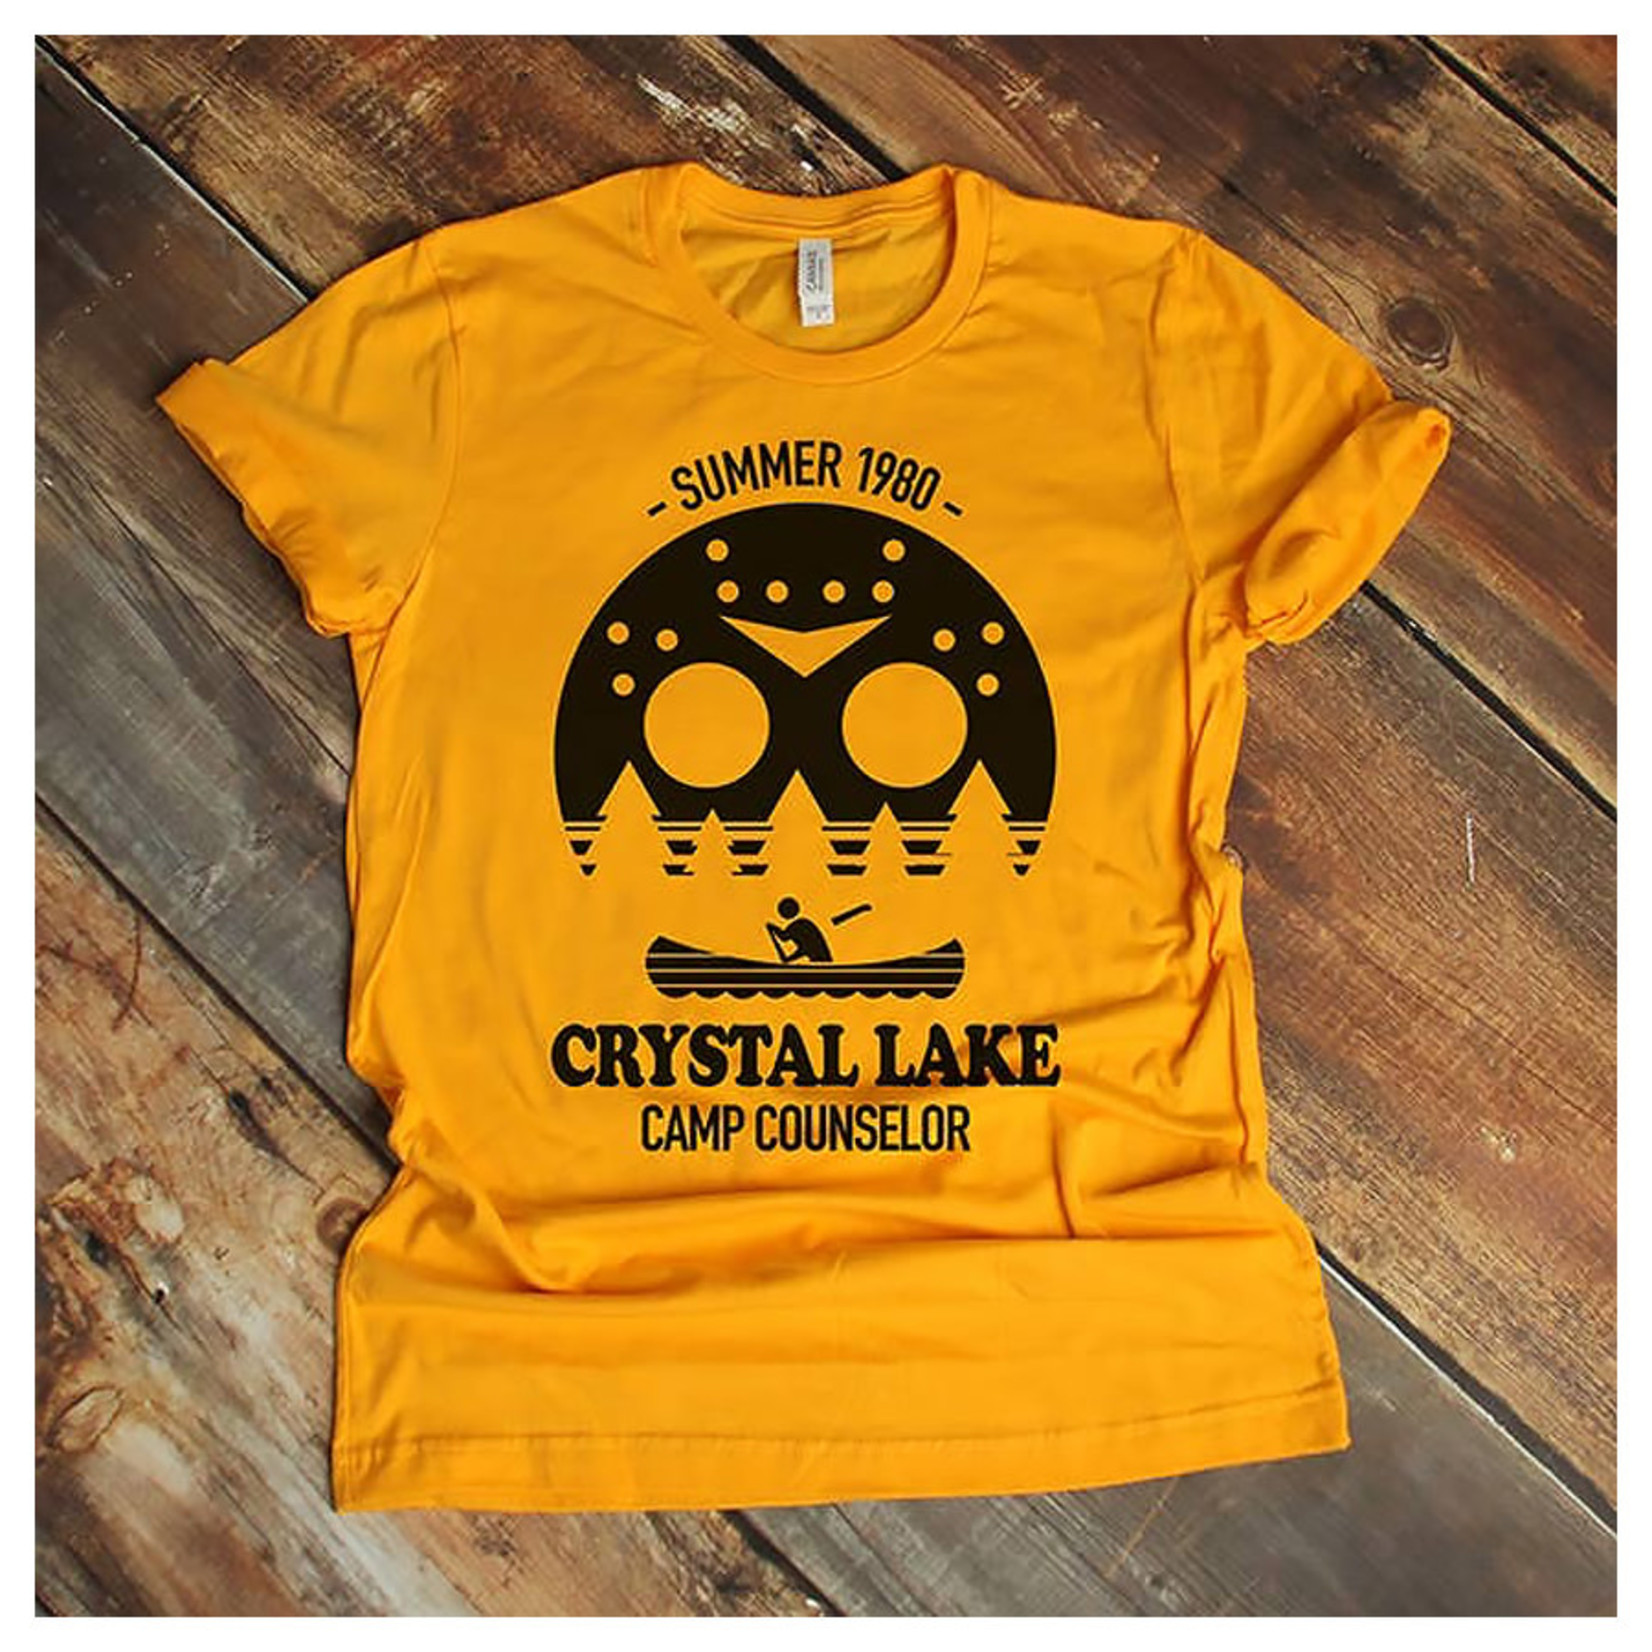 Alley & Rae Apparel Crystal Lake Tee